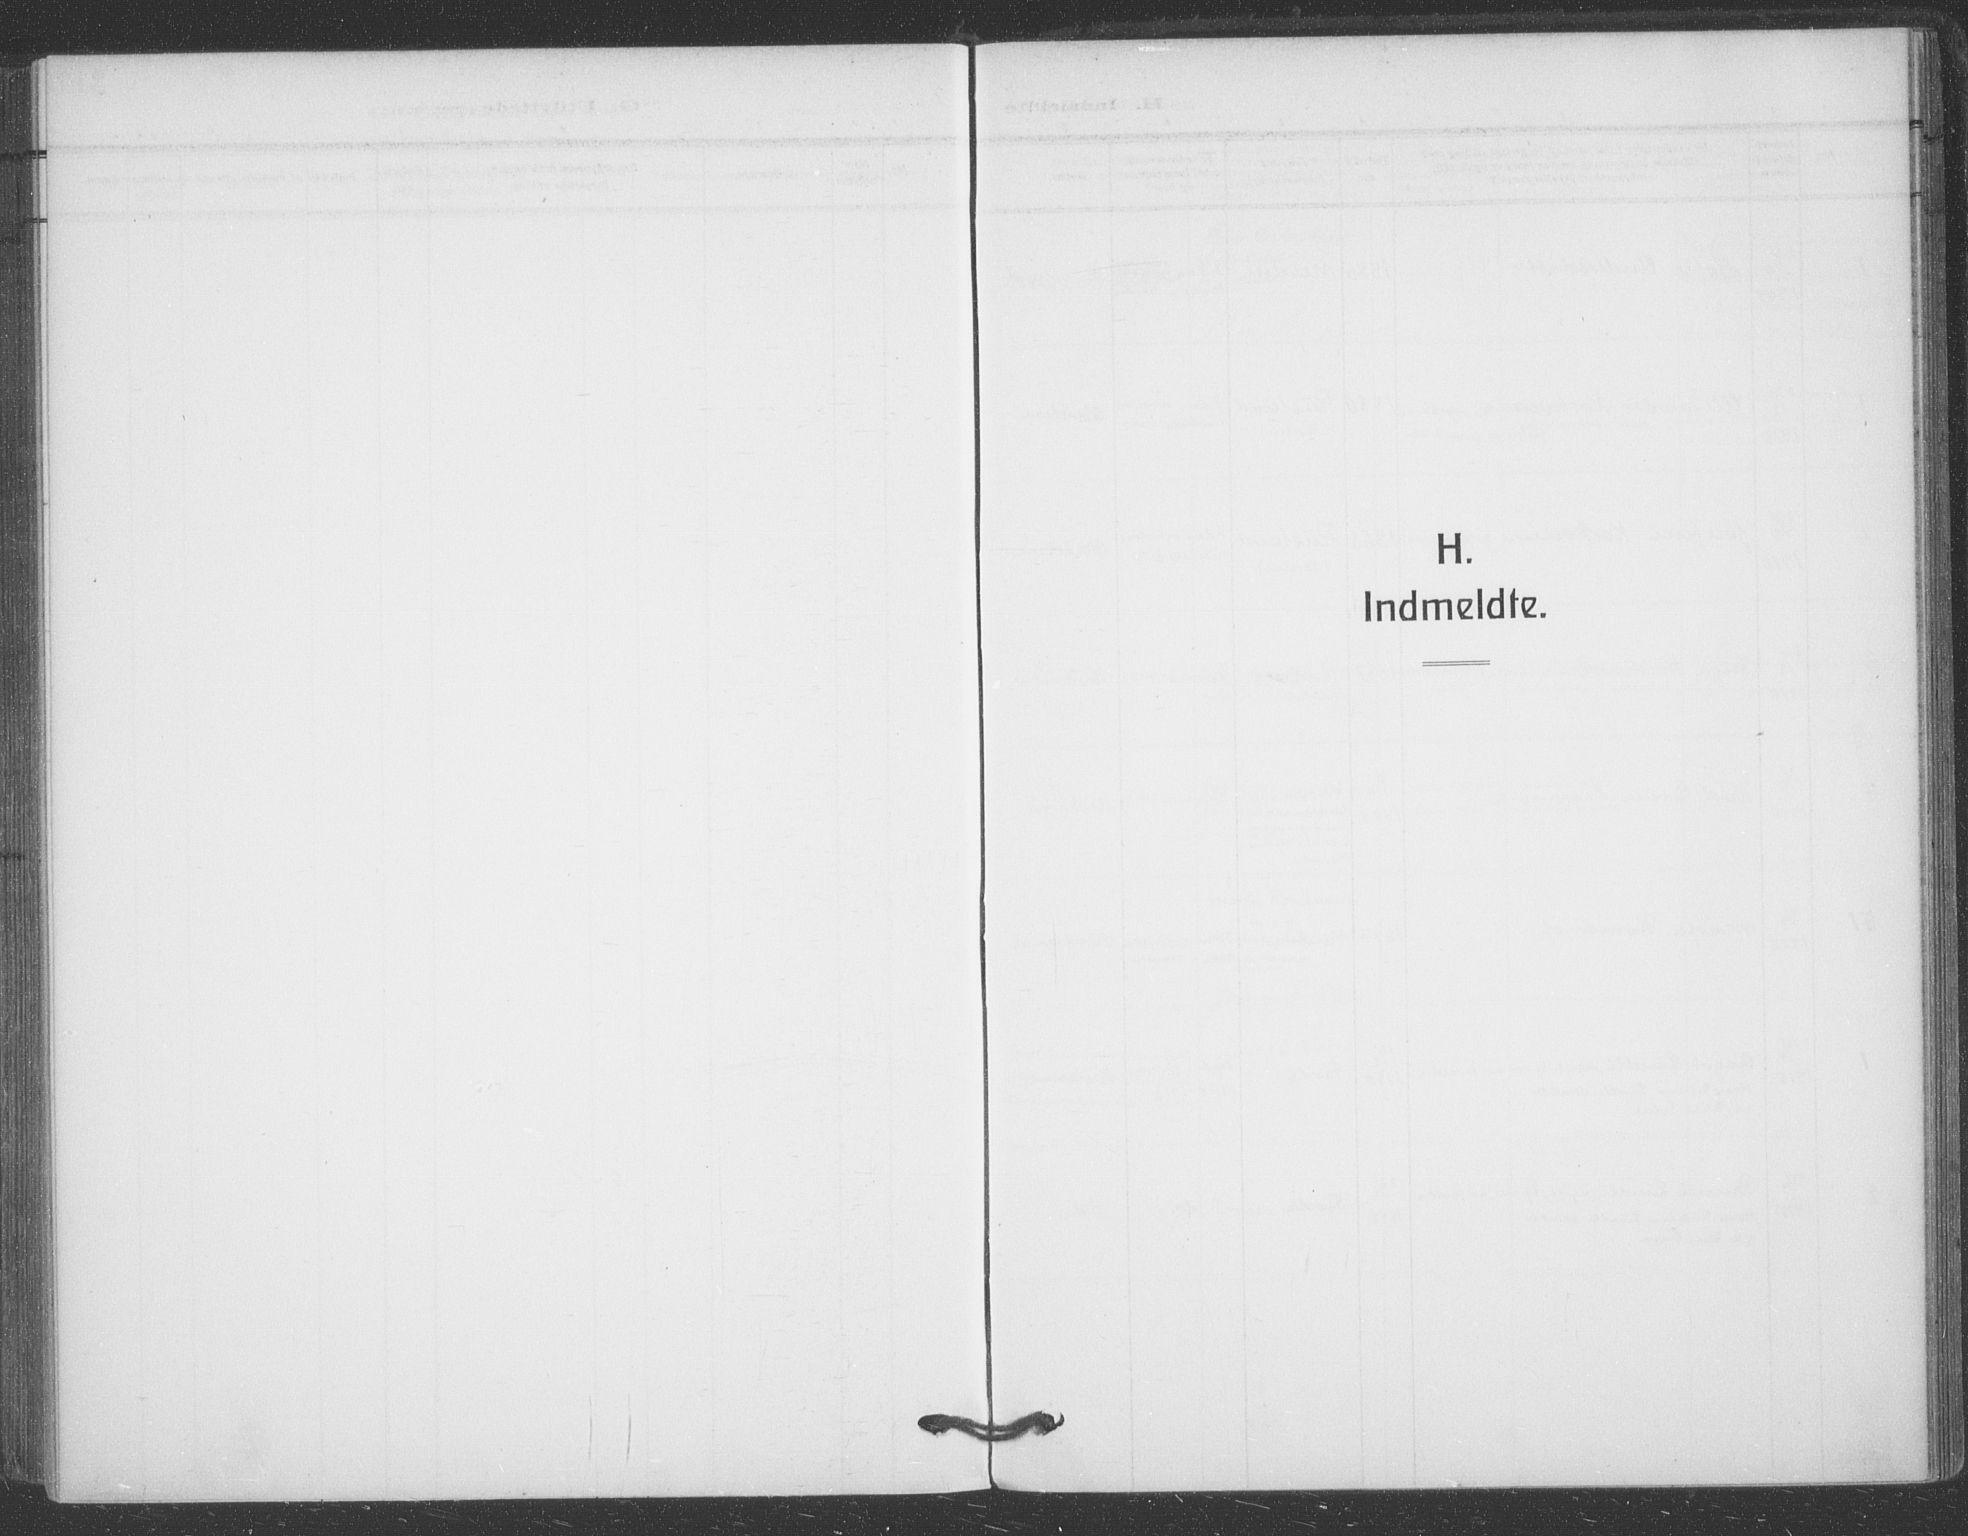 SATØ, Sør-Varanger sokneprestkontor, H/Ha/L0005kirke: Ministerialbok nr. 5, 1909-1919